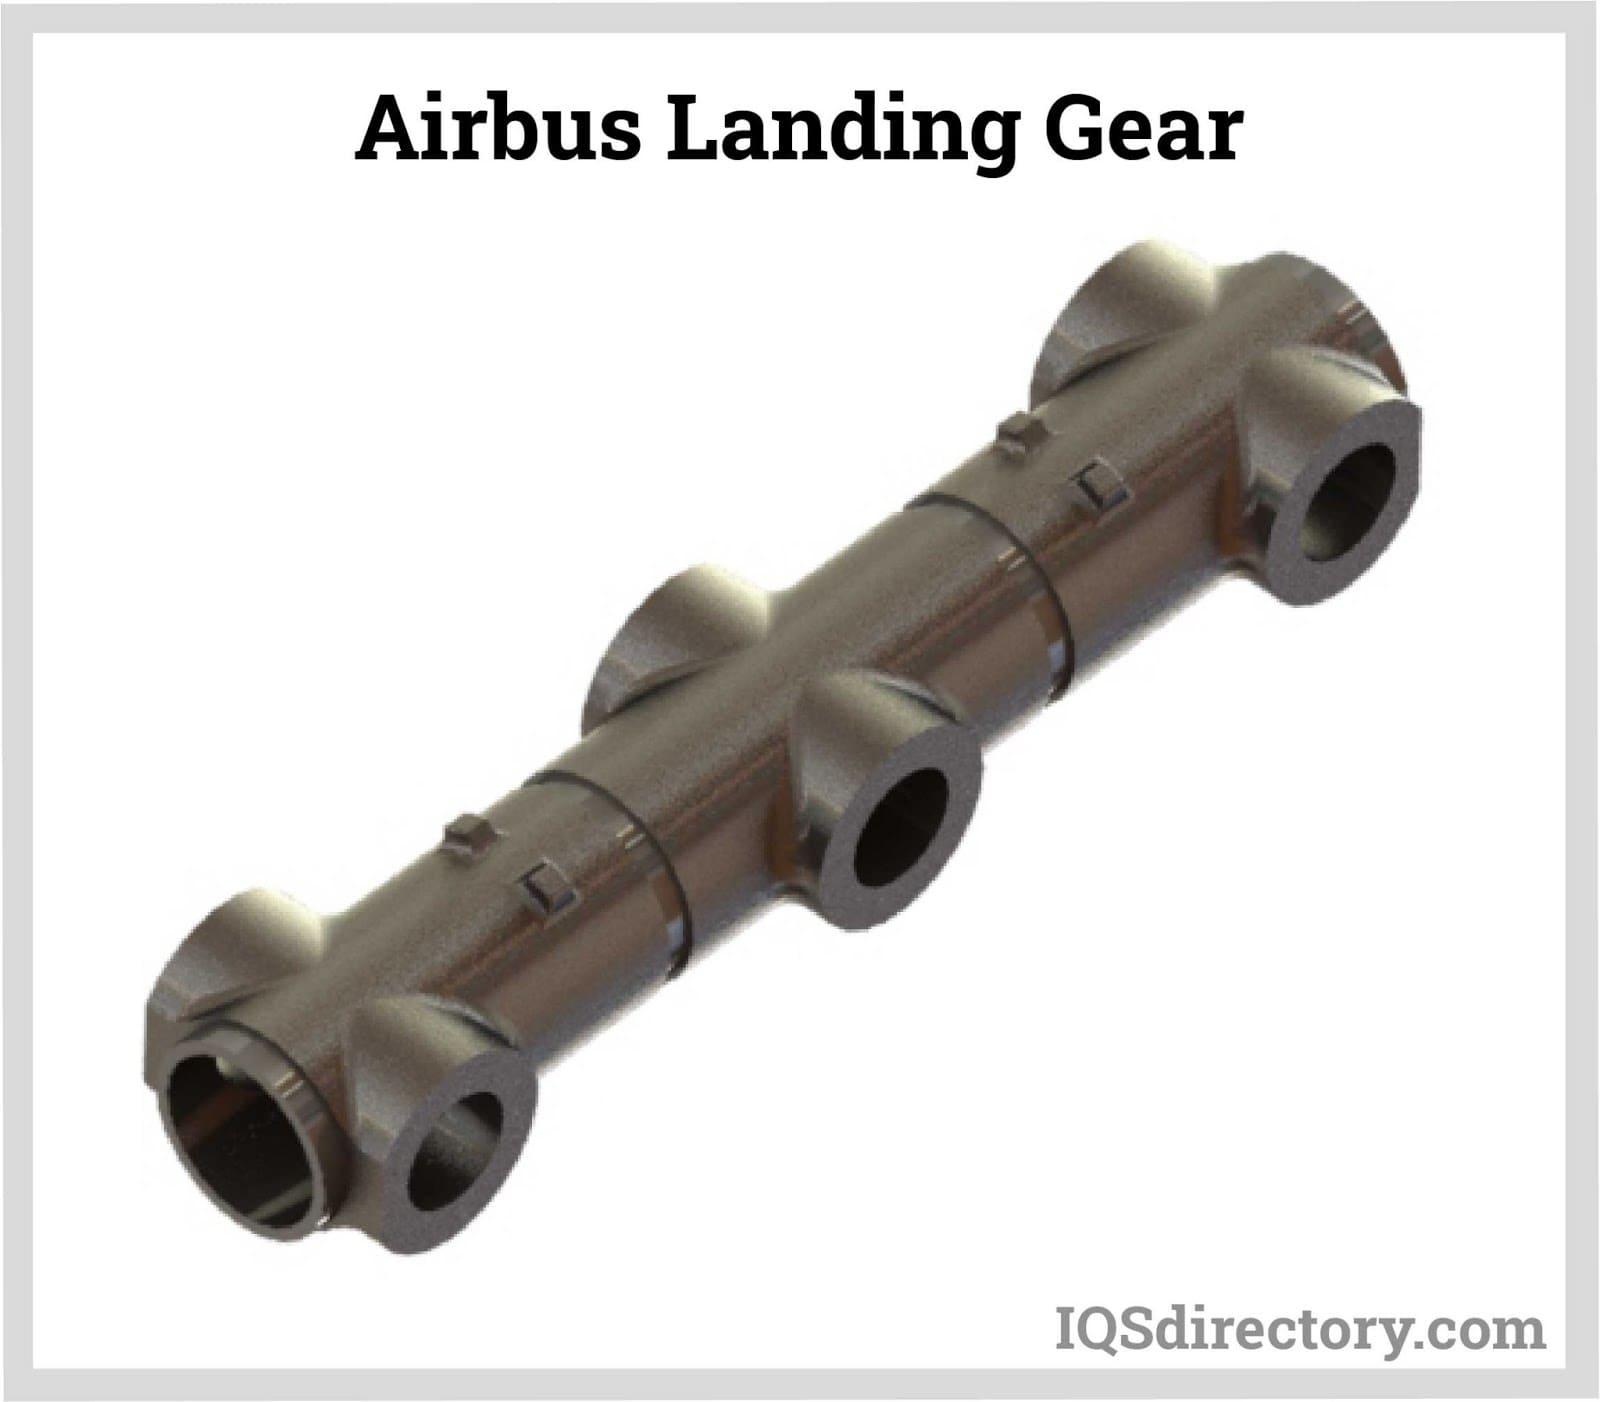 Airbus Landing Gear